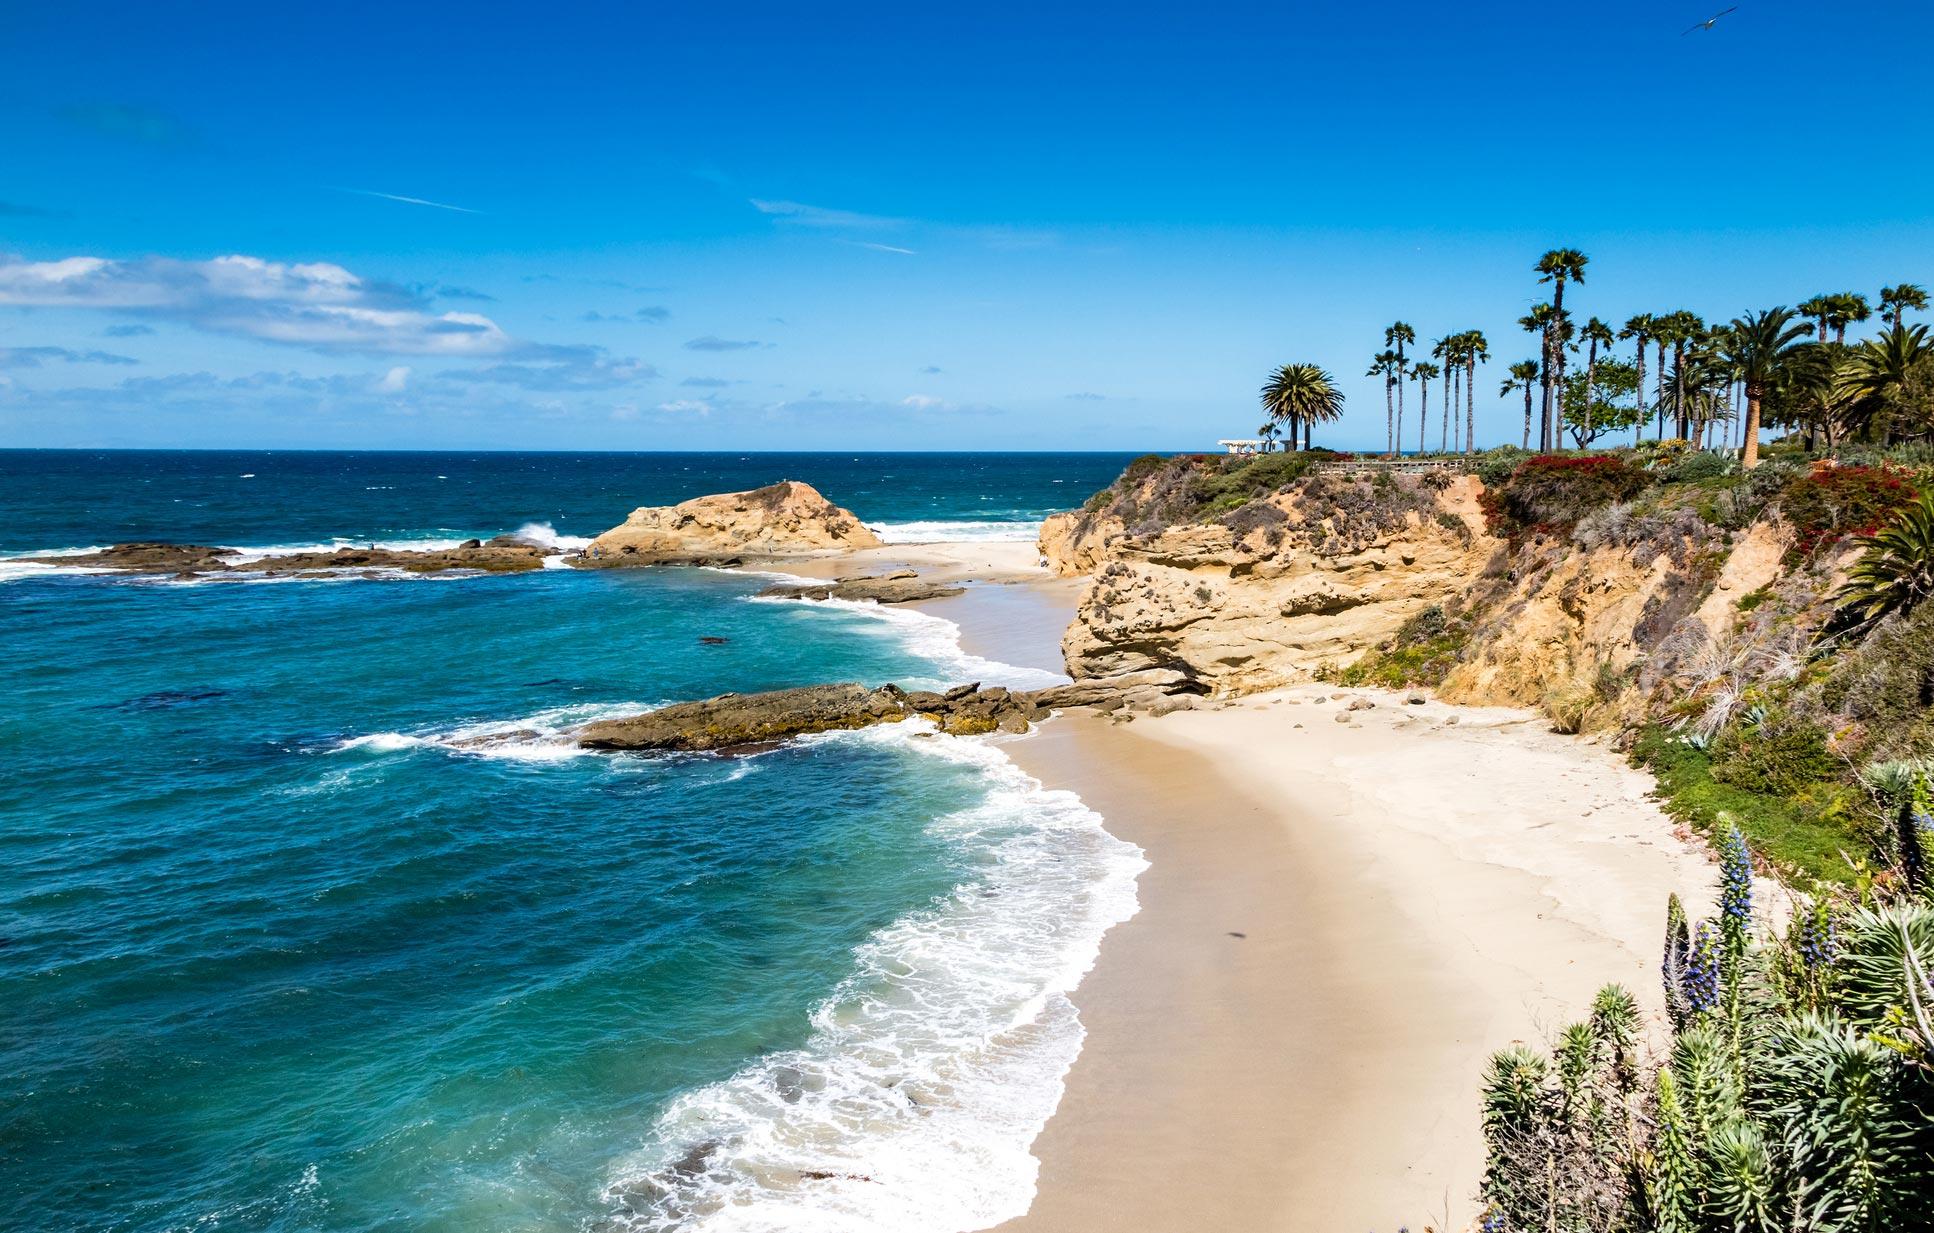 Les 15 plus belles plages paradisiaques au monde - Image de plage paradisiaque ...